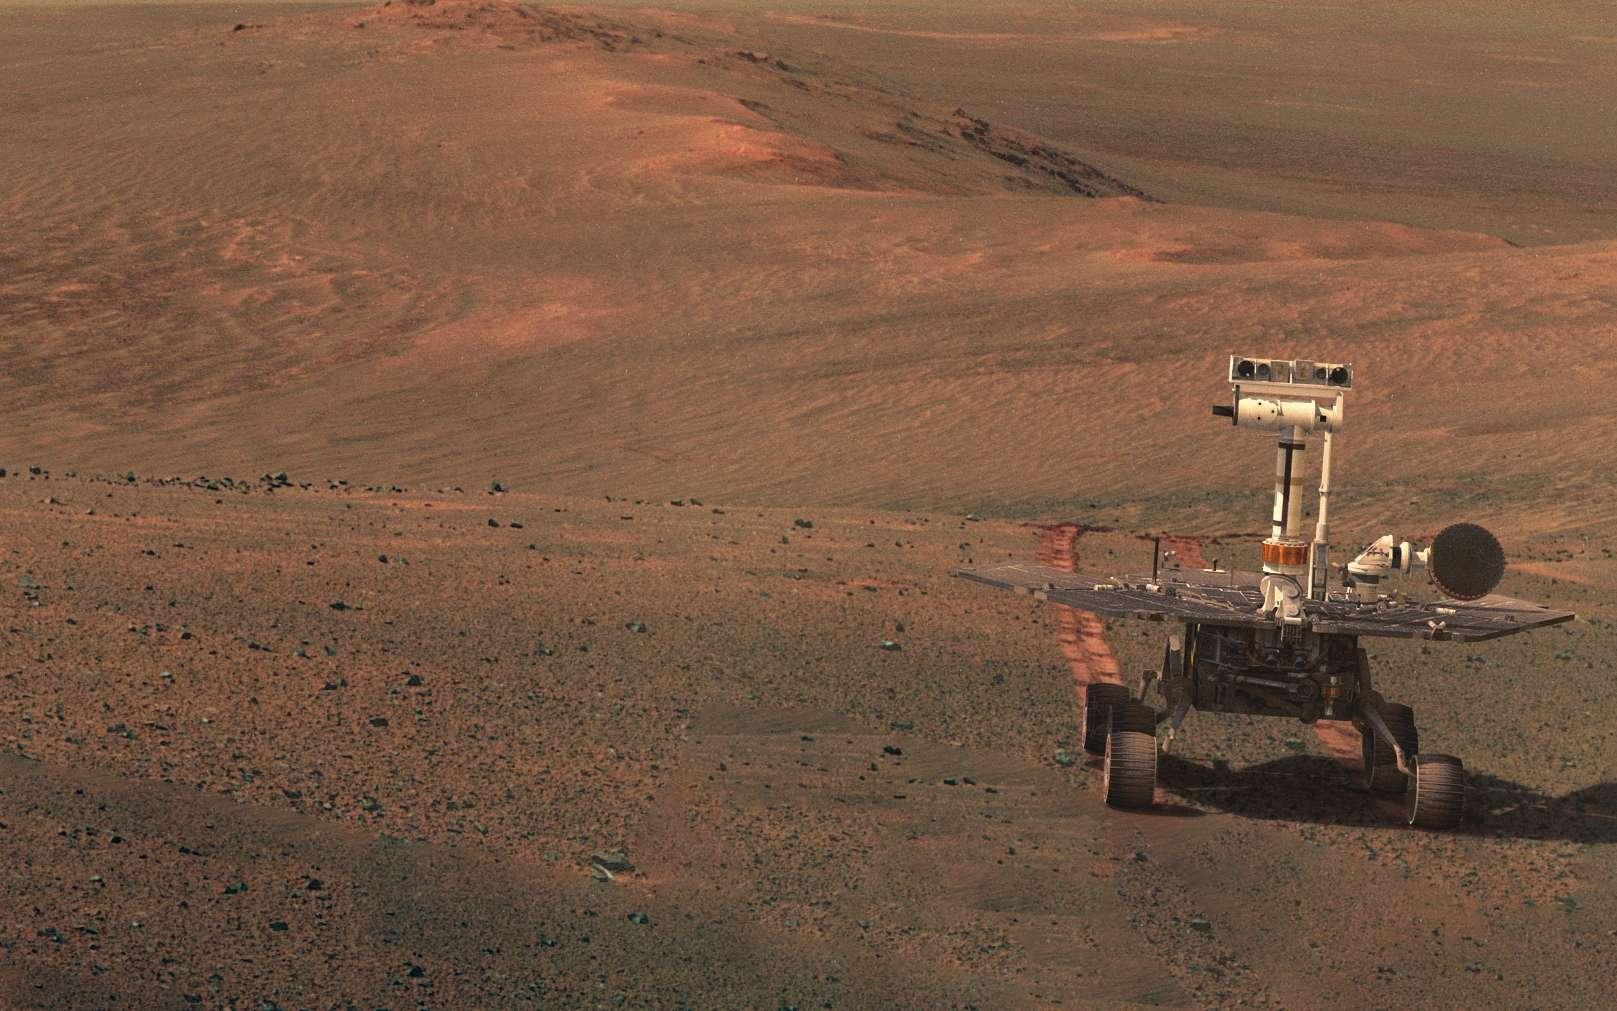 Opportunity en 2016 lors du Sol 3754. Le modèle du rover a été superposé à une véritable photo qu'il a prise. © Nasa, JPL-Caltech, Cornell, ASU, James Sorenson, Model : Nasa, JPL-Caltech, Christian A. Lopez, Image process & synthesis : Seán Doran